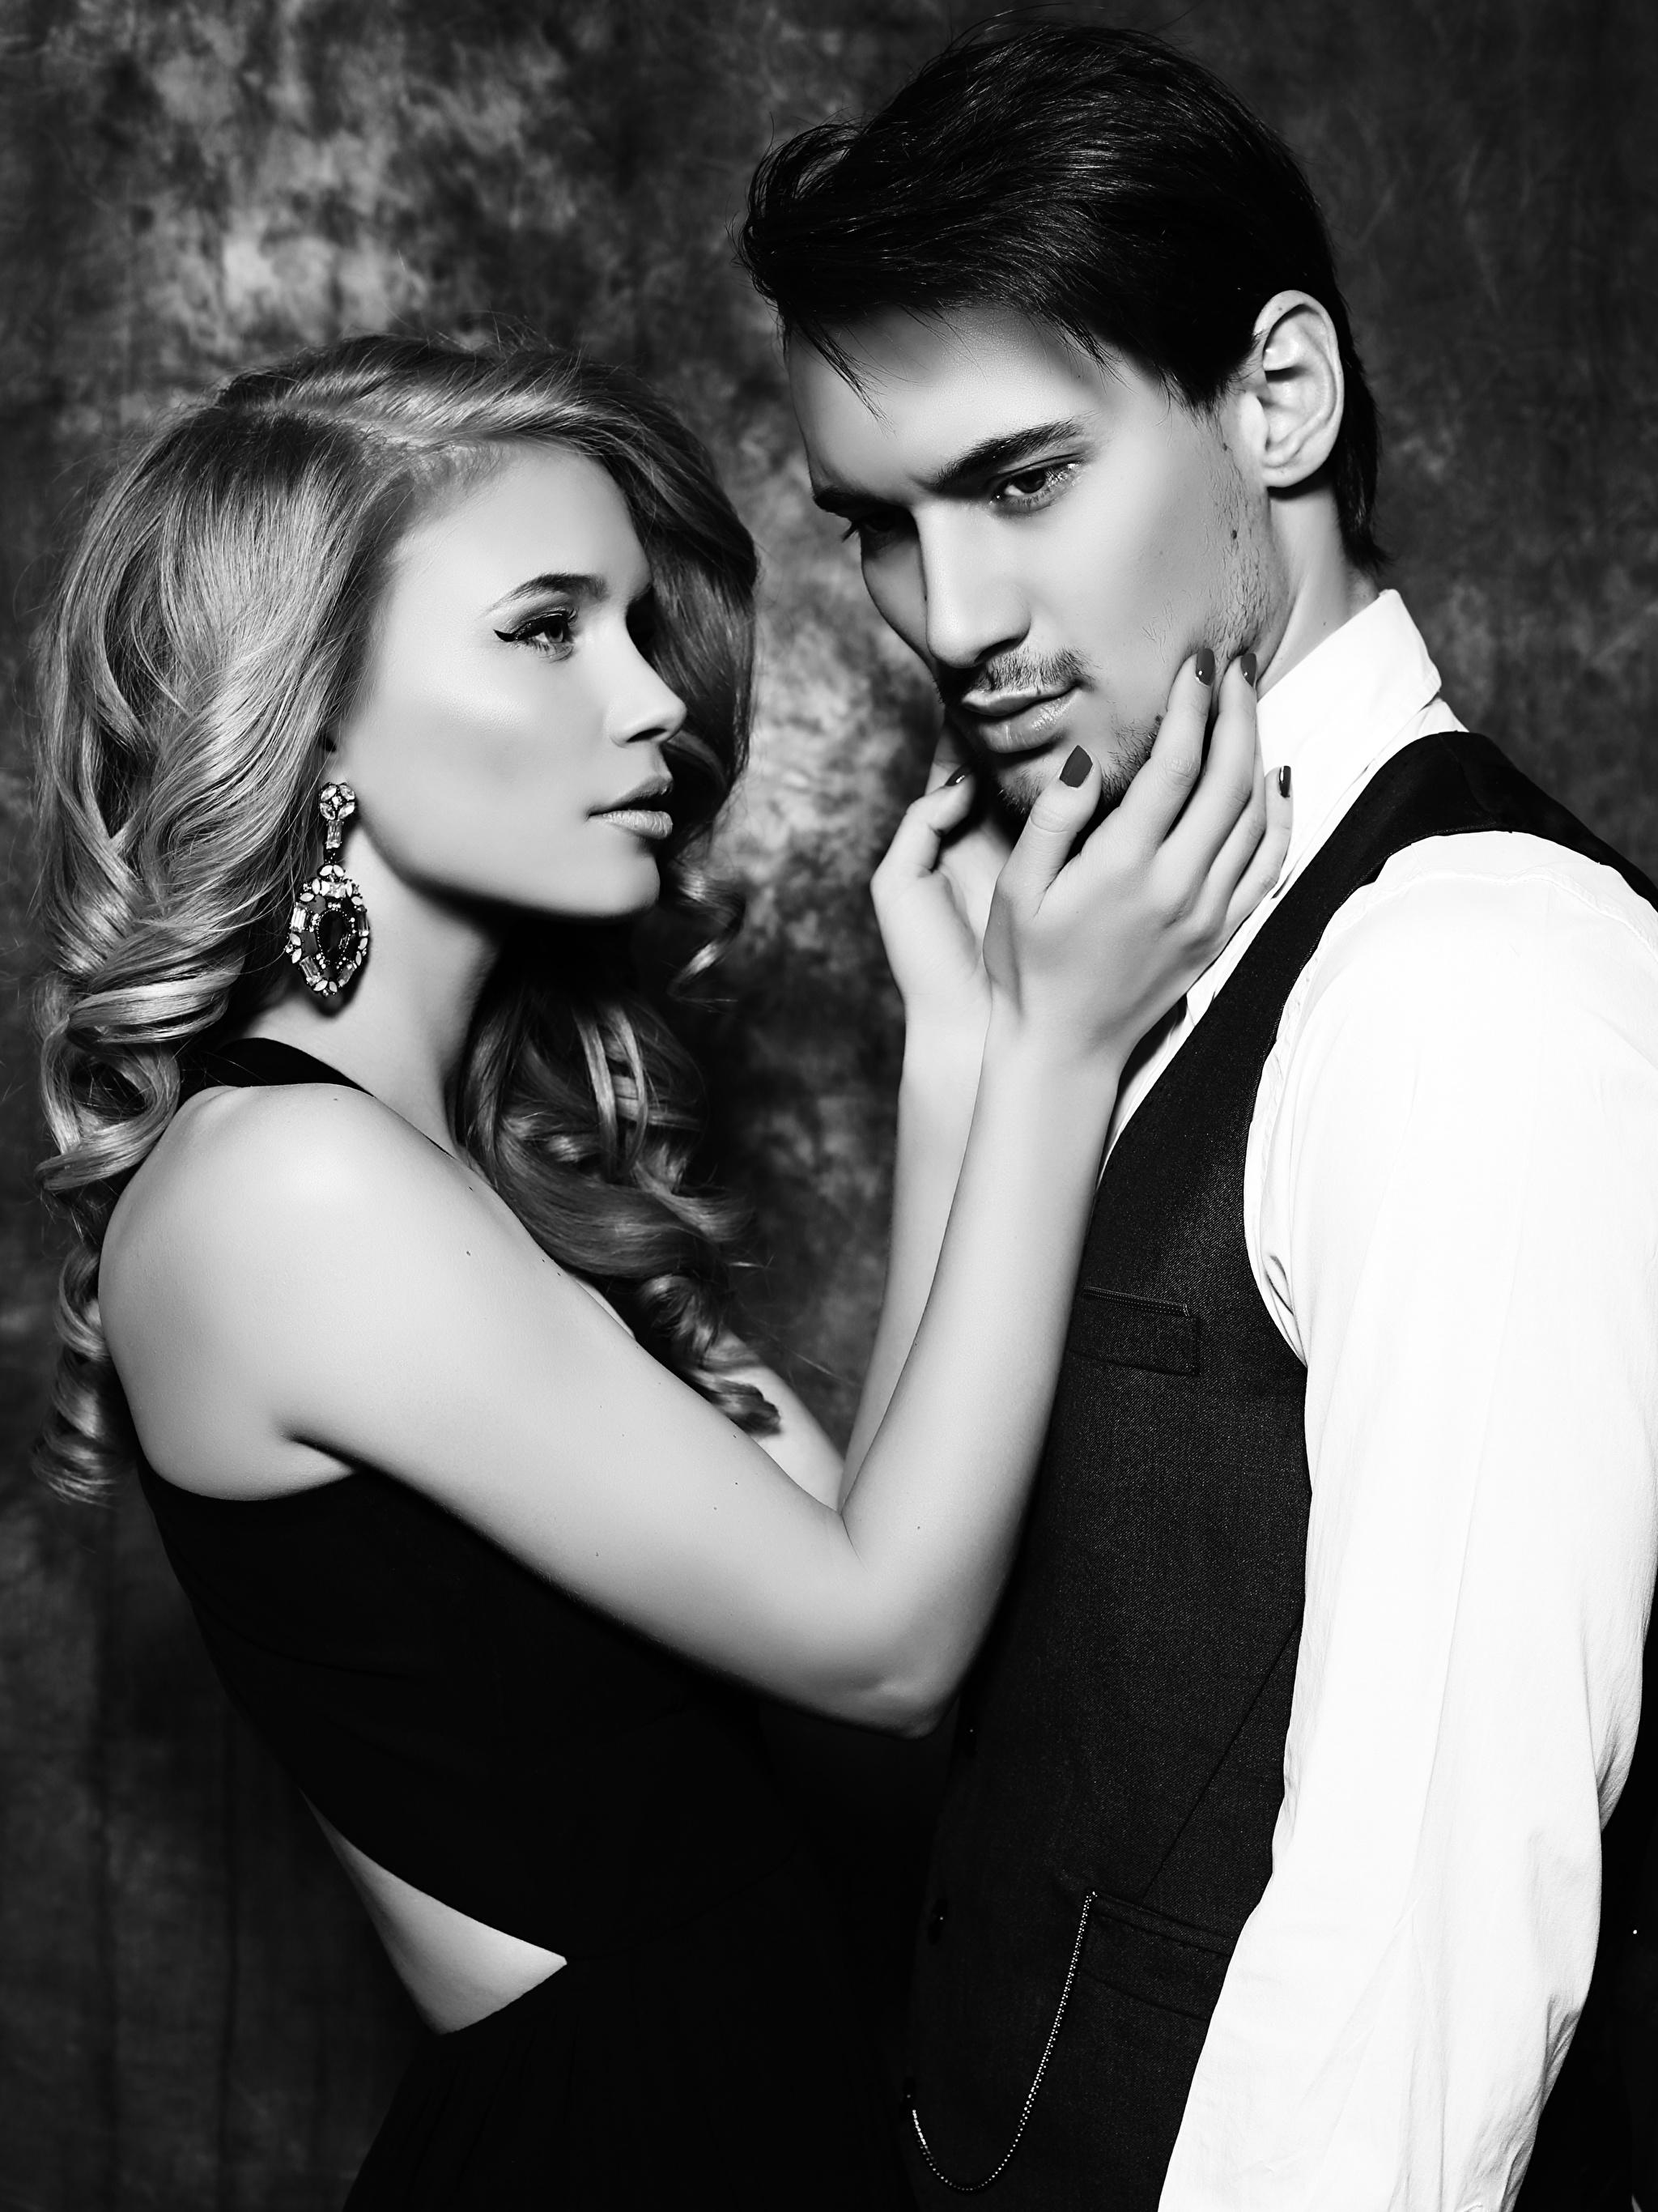 Картинка Блондинка Мужчины Двое Любовь Девушки Руки Серьги Черно белое 2048x2732 2 вдвоем